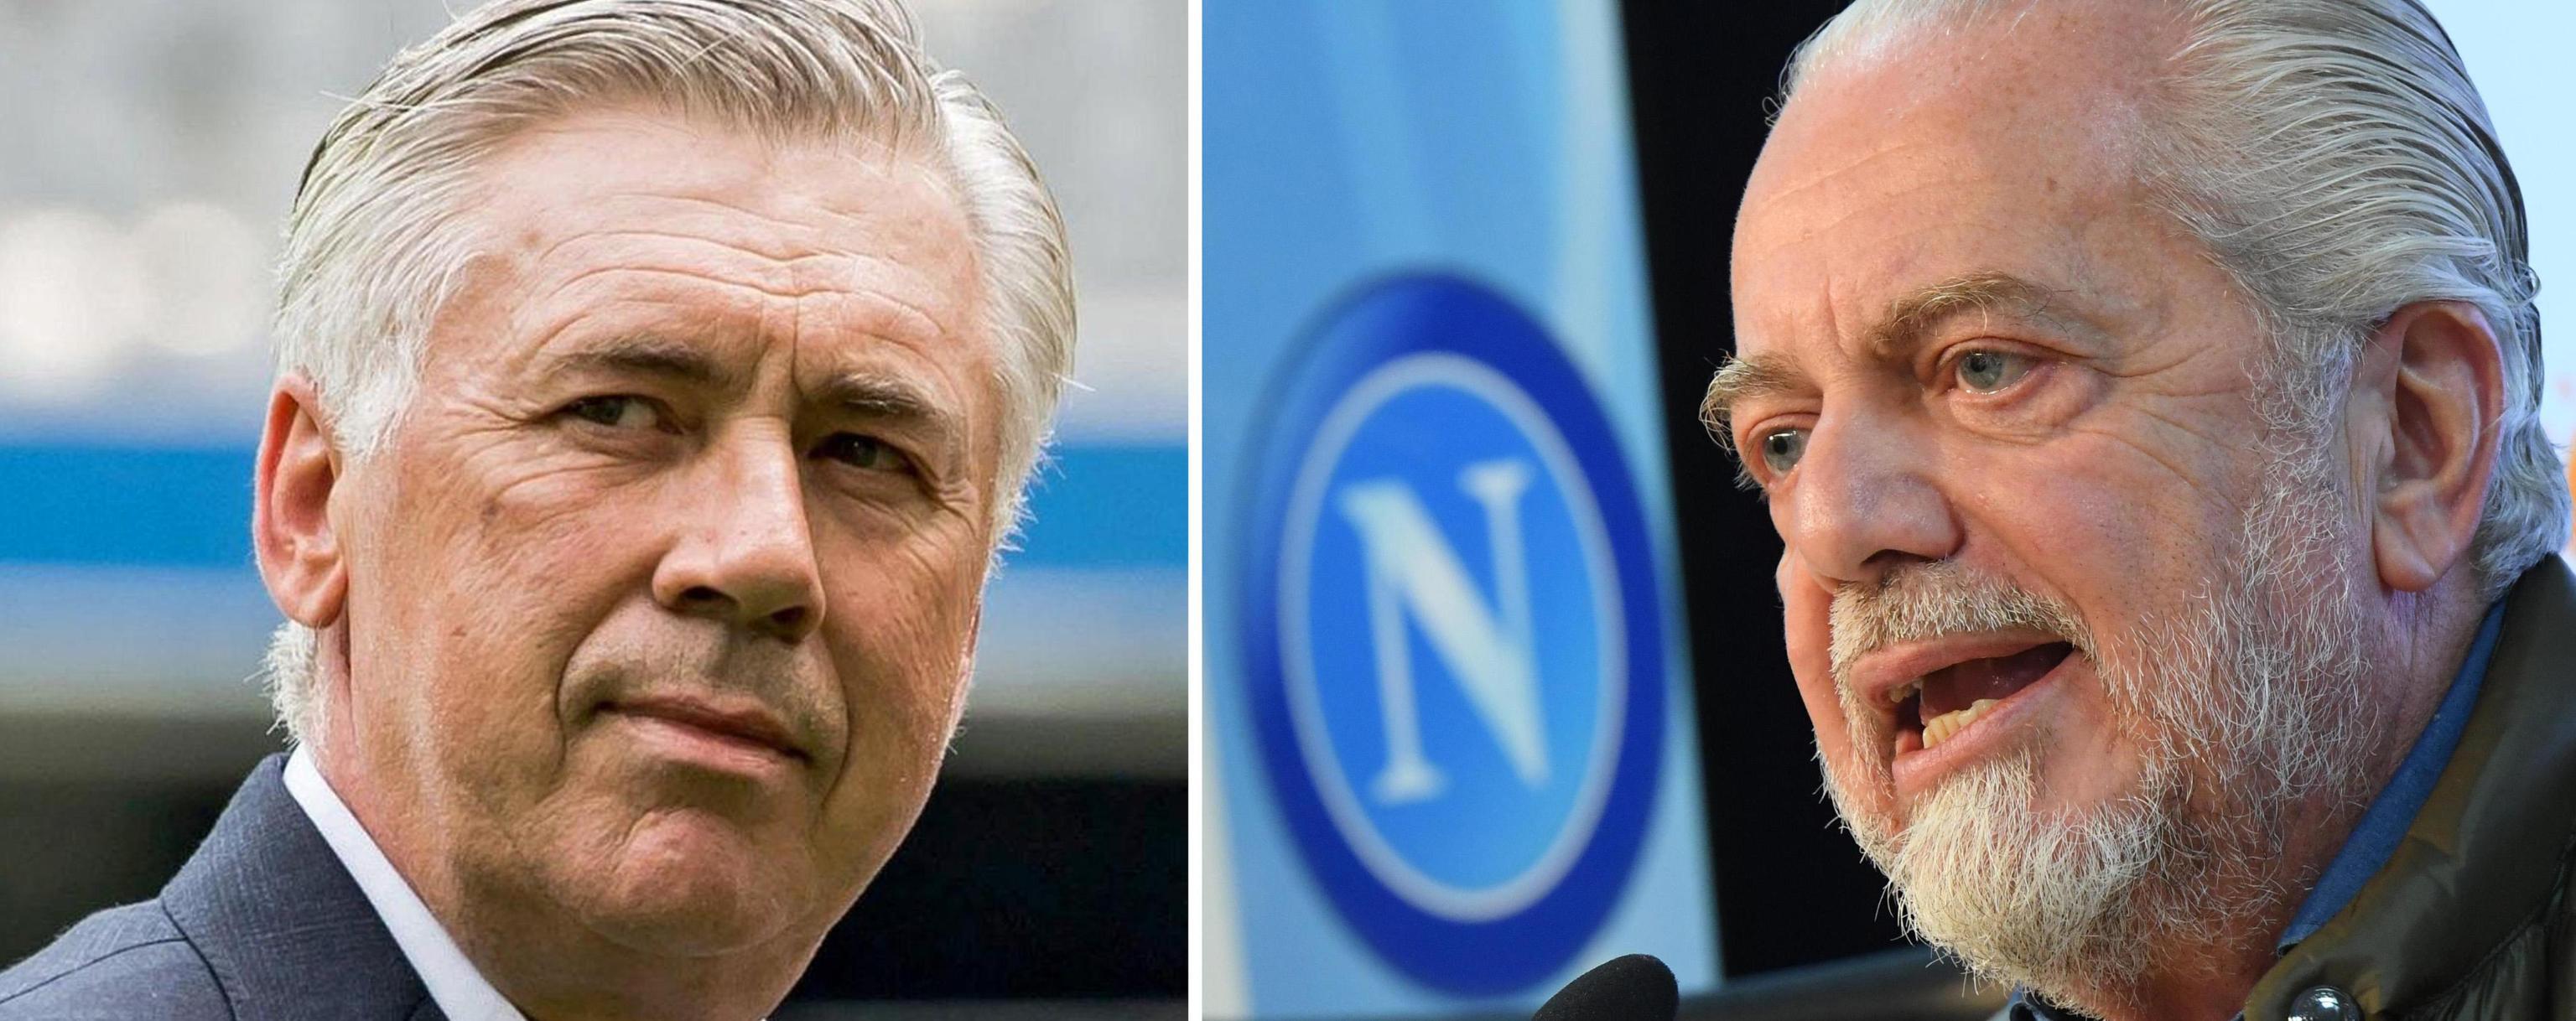 Ancelotti al Napoli: accordo raggiunto, Carletto alla corte di De Laurentiis